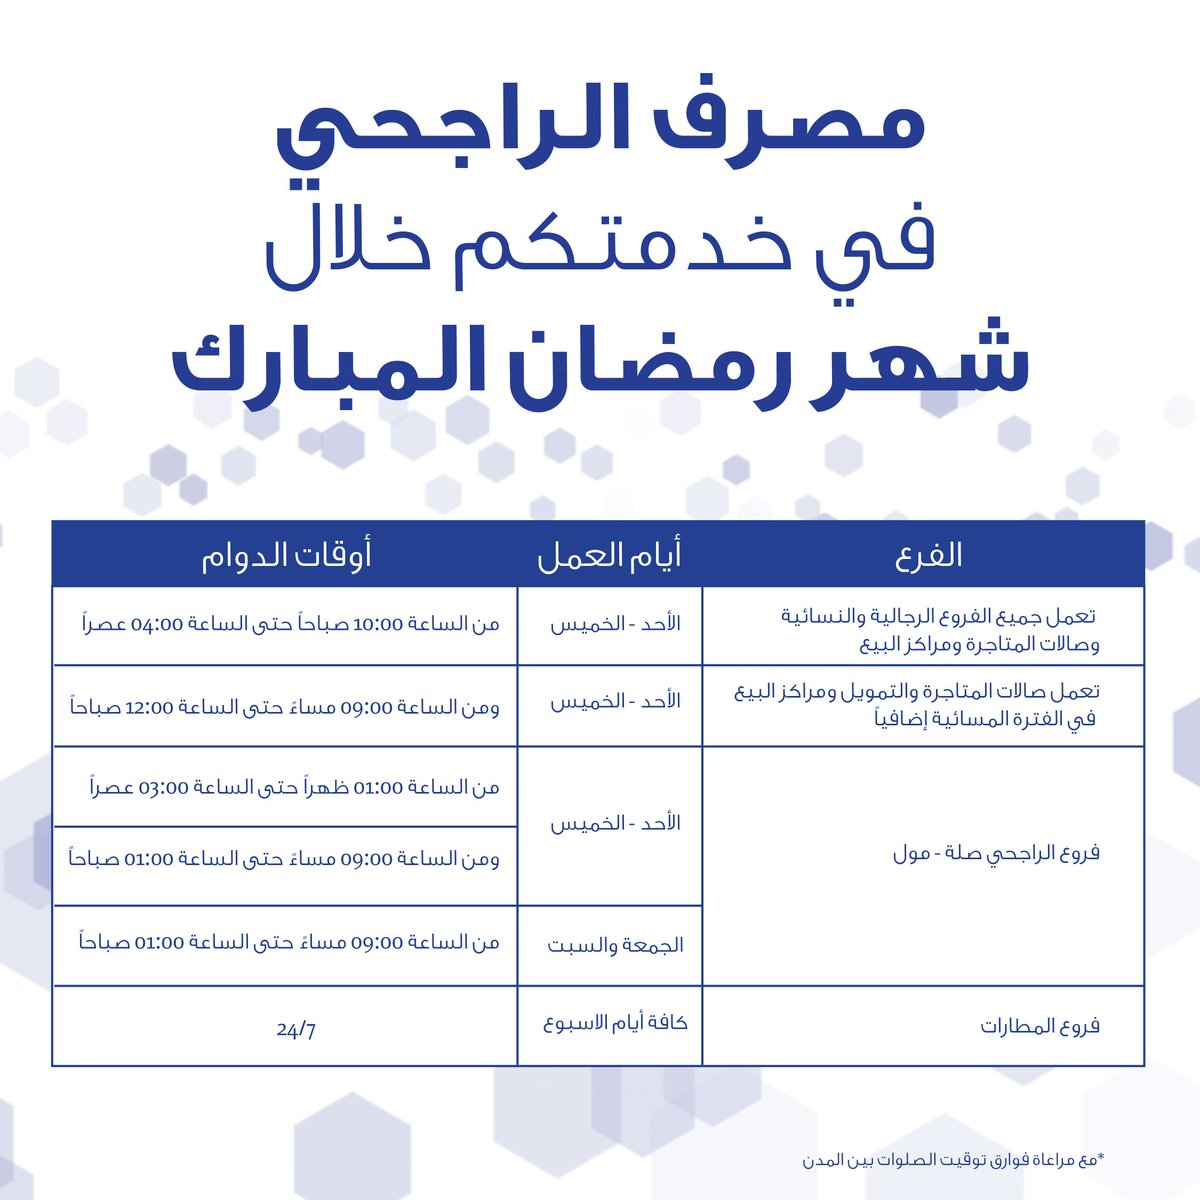 مصرف الراجحي Pa Twitter اوقات عمل الفروع خلال شهر رمضان لمزيد من التفاصيل Https T Co L1wmvdcodw